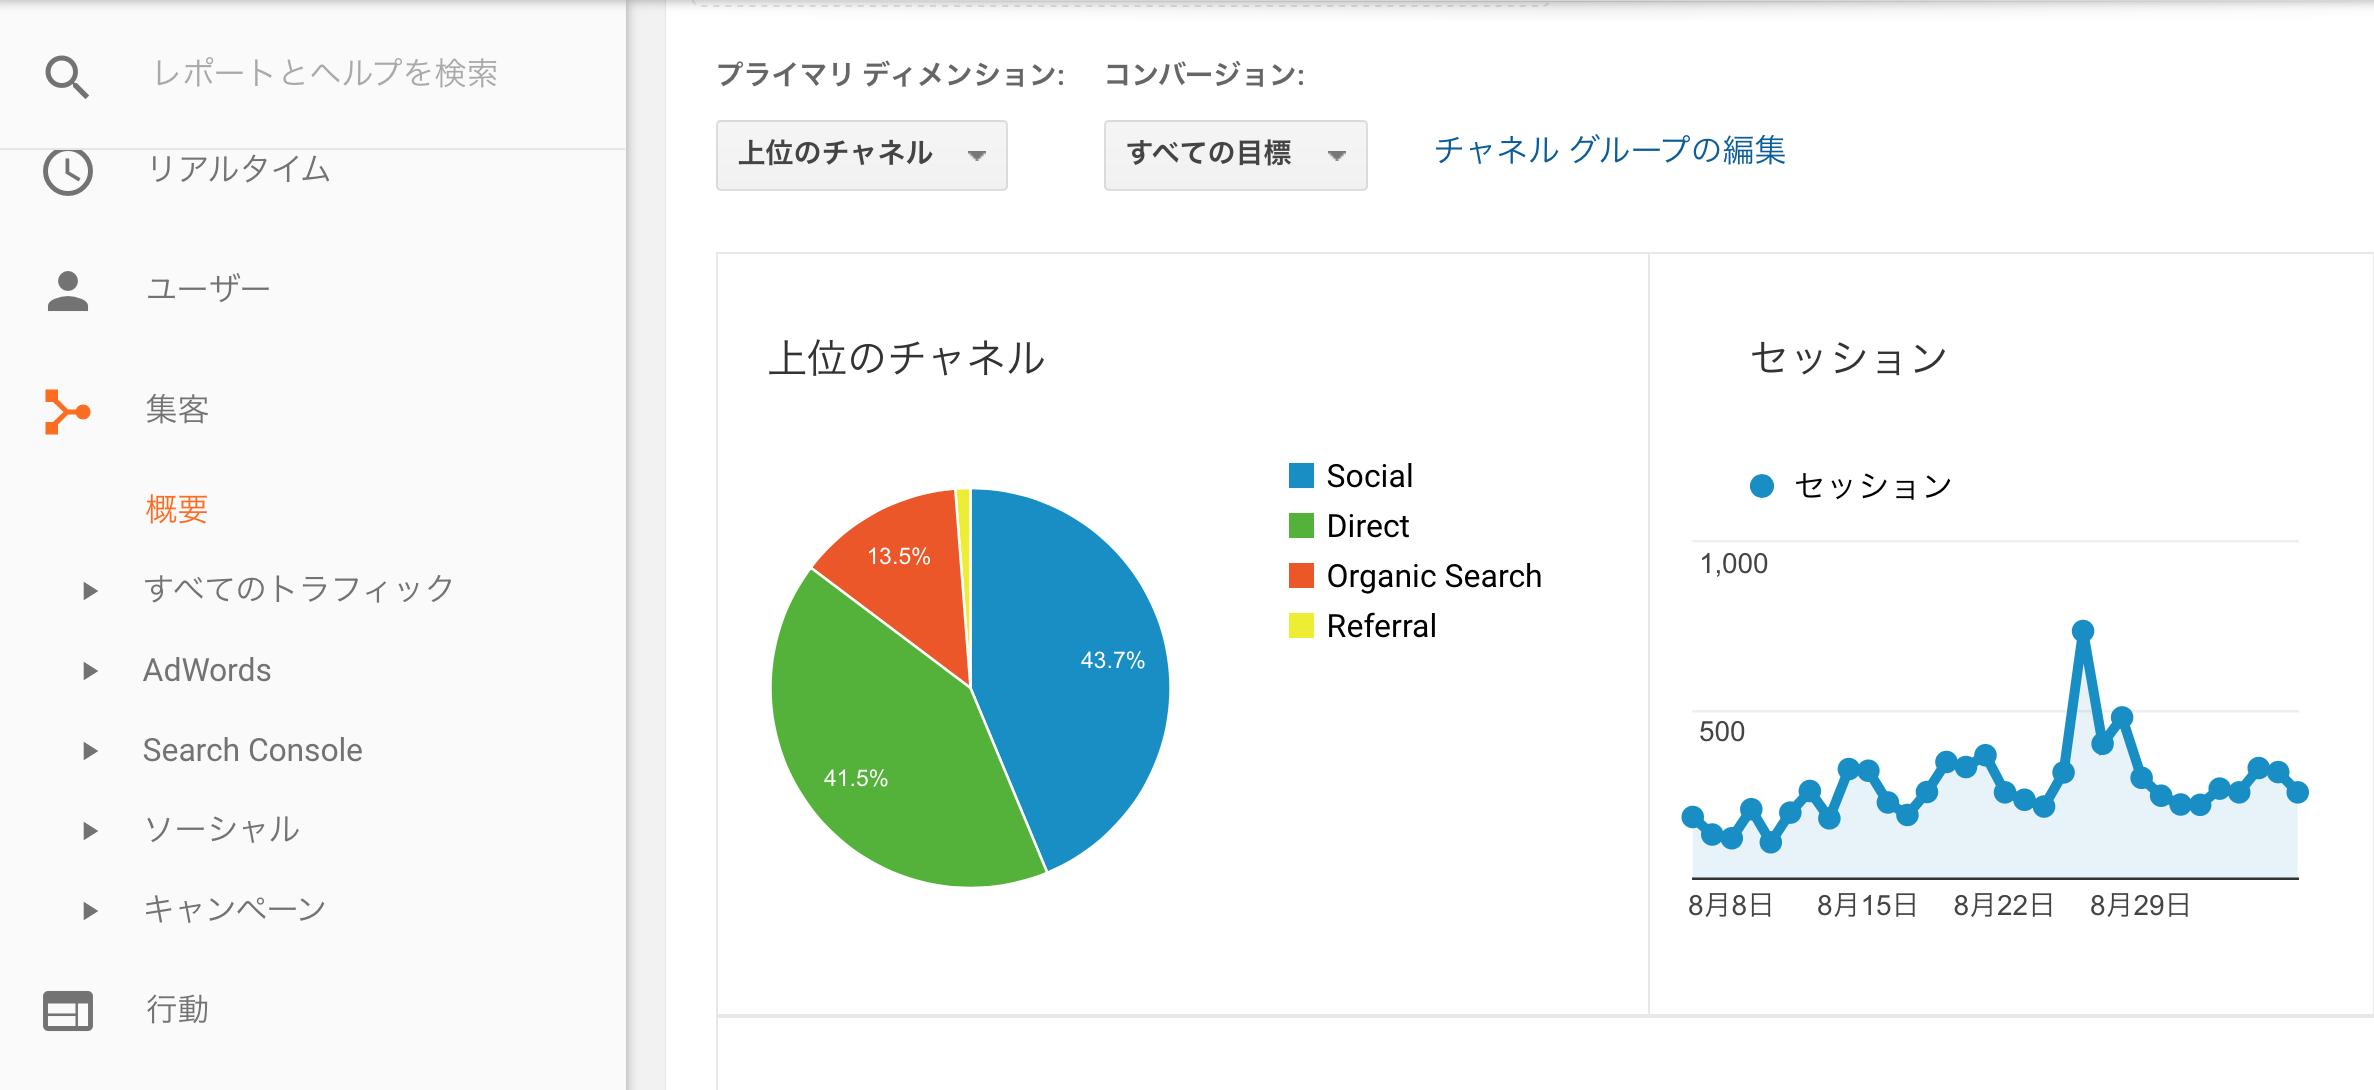 【解析結果公開!】お客様がどのSNSから来てくれているか把握できてる?グーグルアナリティクスを設定しよう!